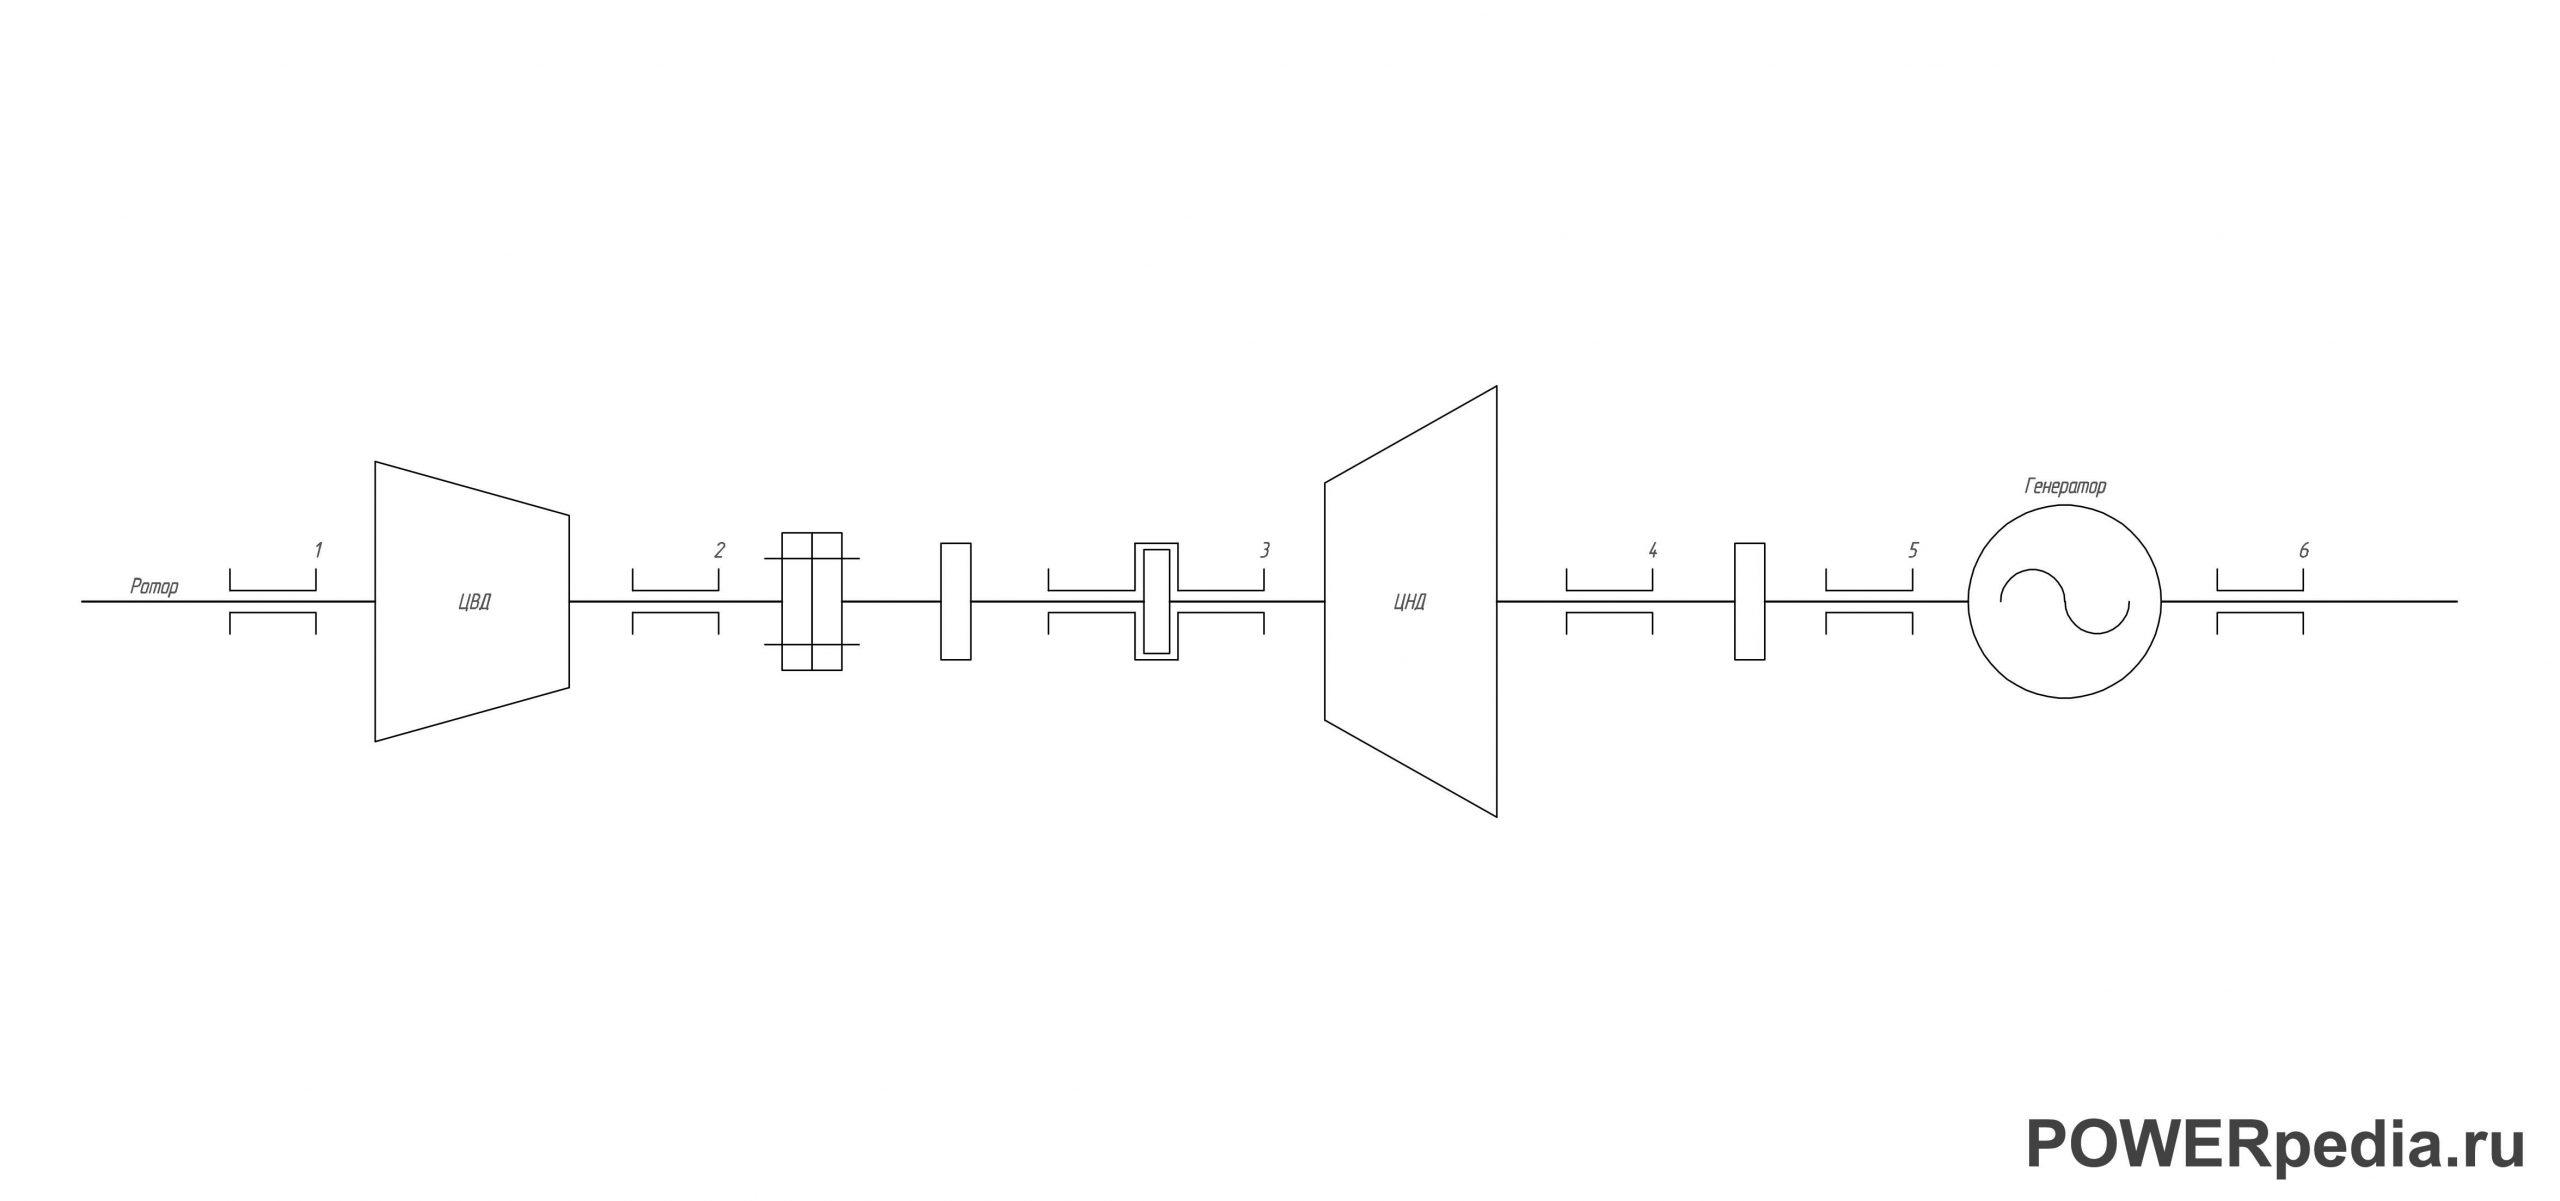 Схематический чертеж парового турбоагрегата